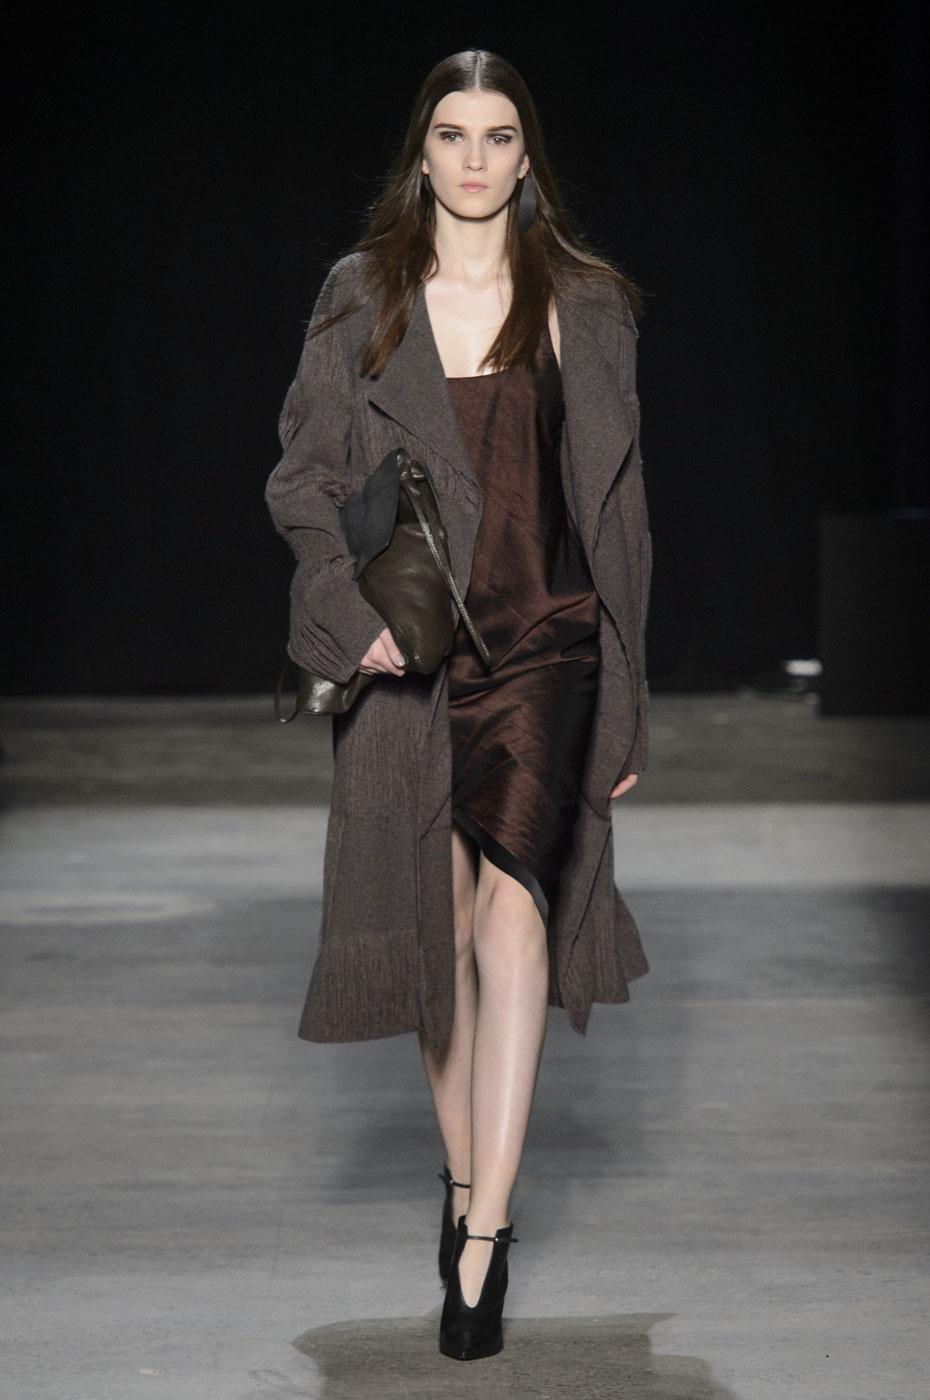 9. Irina Djuranovic (The Society): 16 Shows